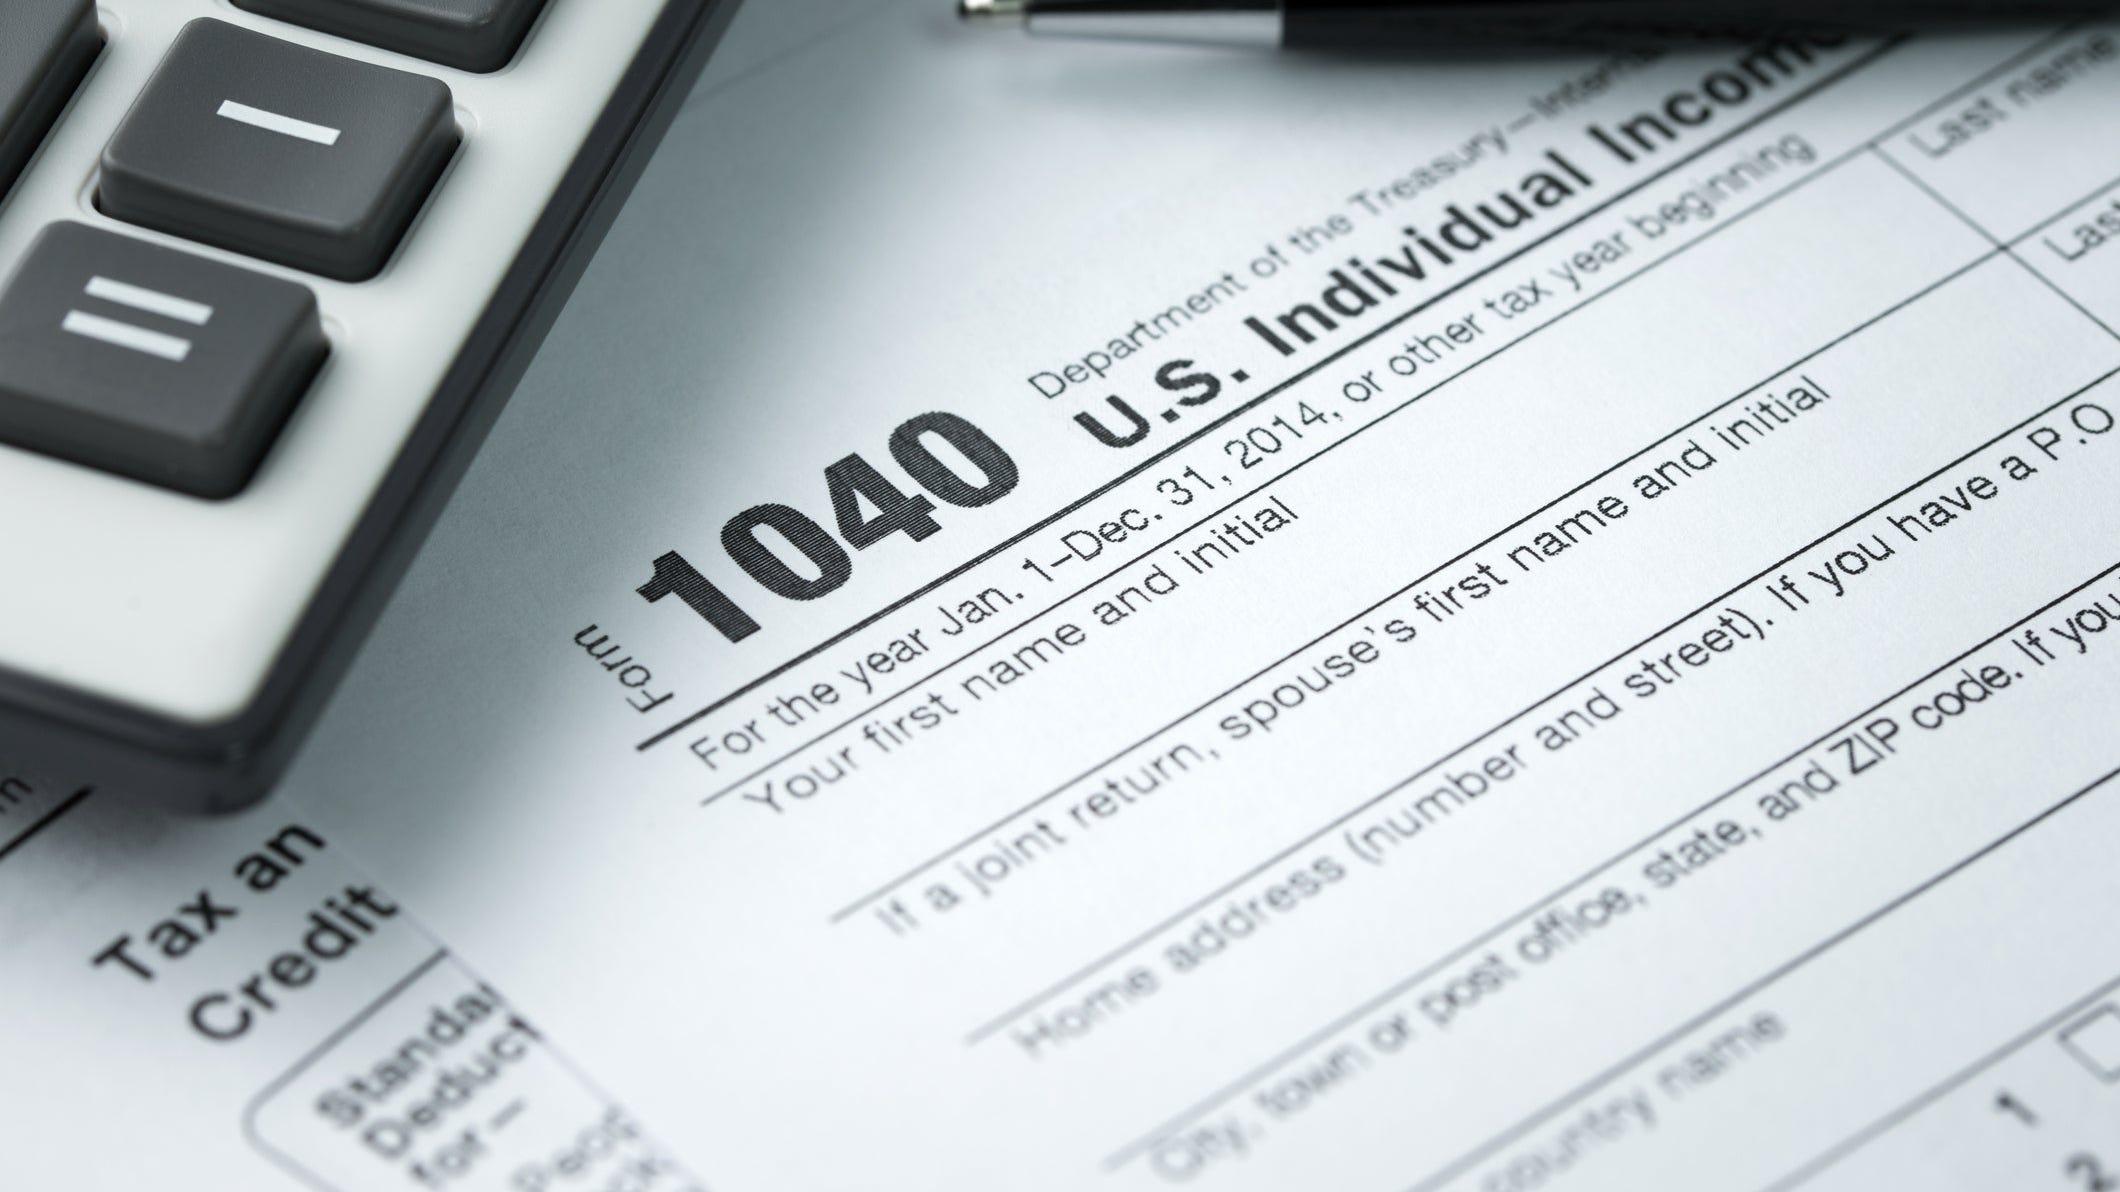 Soy indocumentado ¿Qué pasa si no declaro mis impuestos?